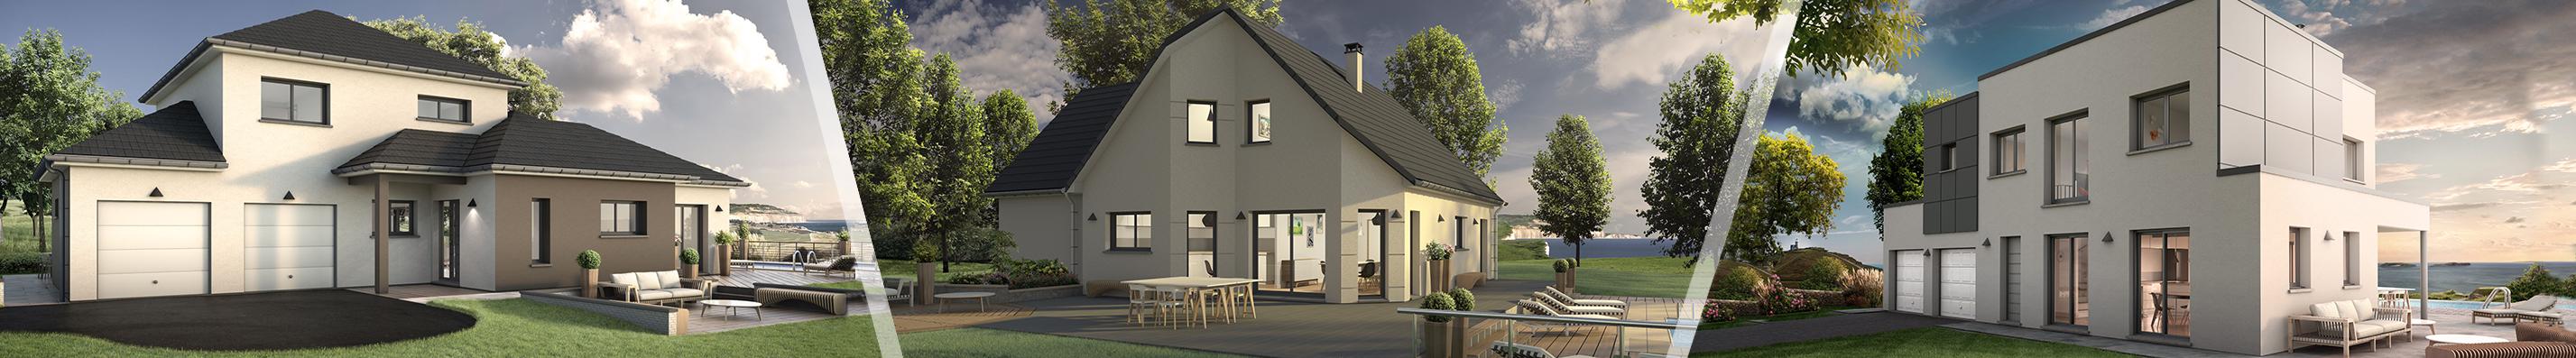 Découvrez les modèles de maisons Maisons Extraco